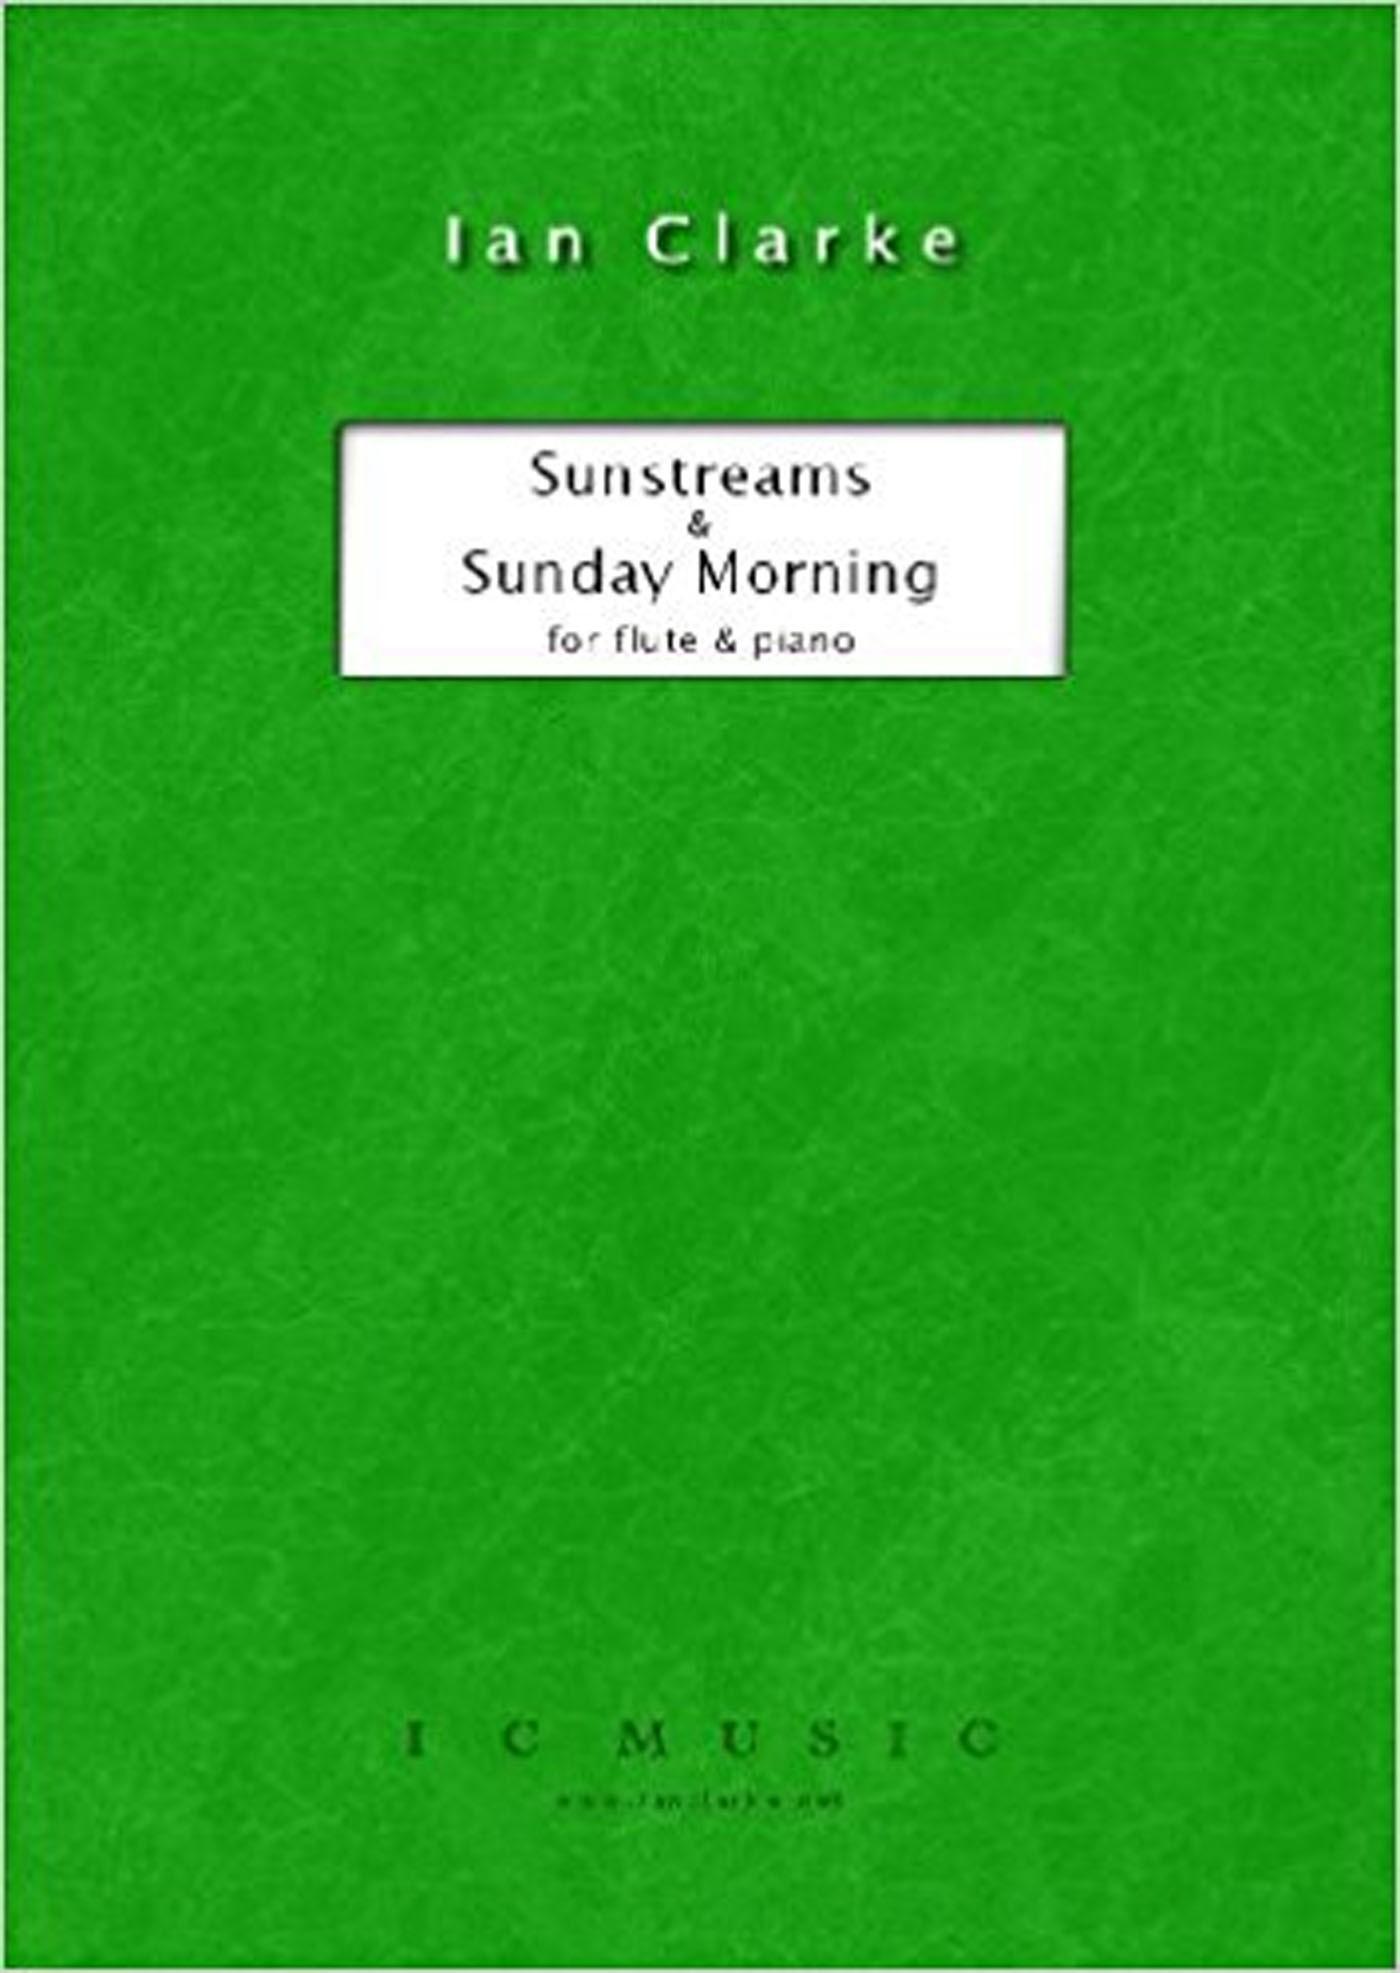 Sunstreams & Sunday Morning Book Flute & Piano Ian Clarke Advanced S137